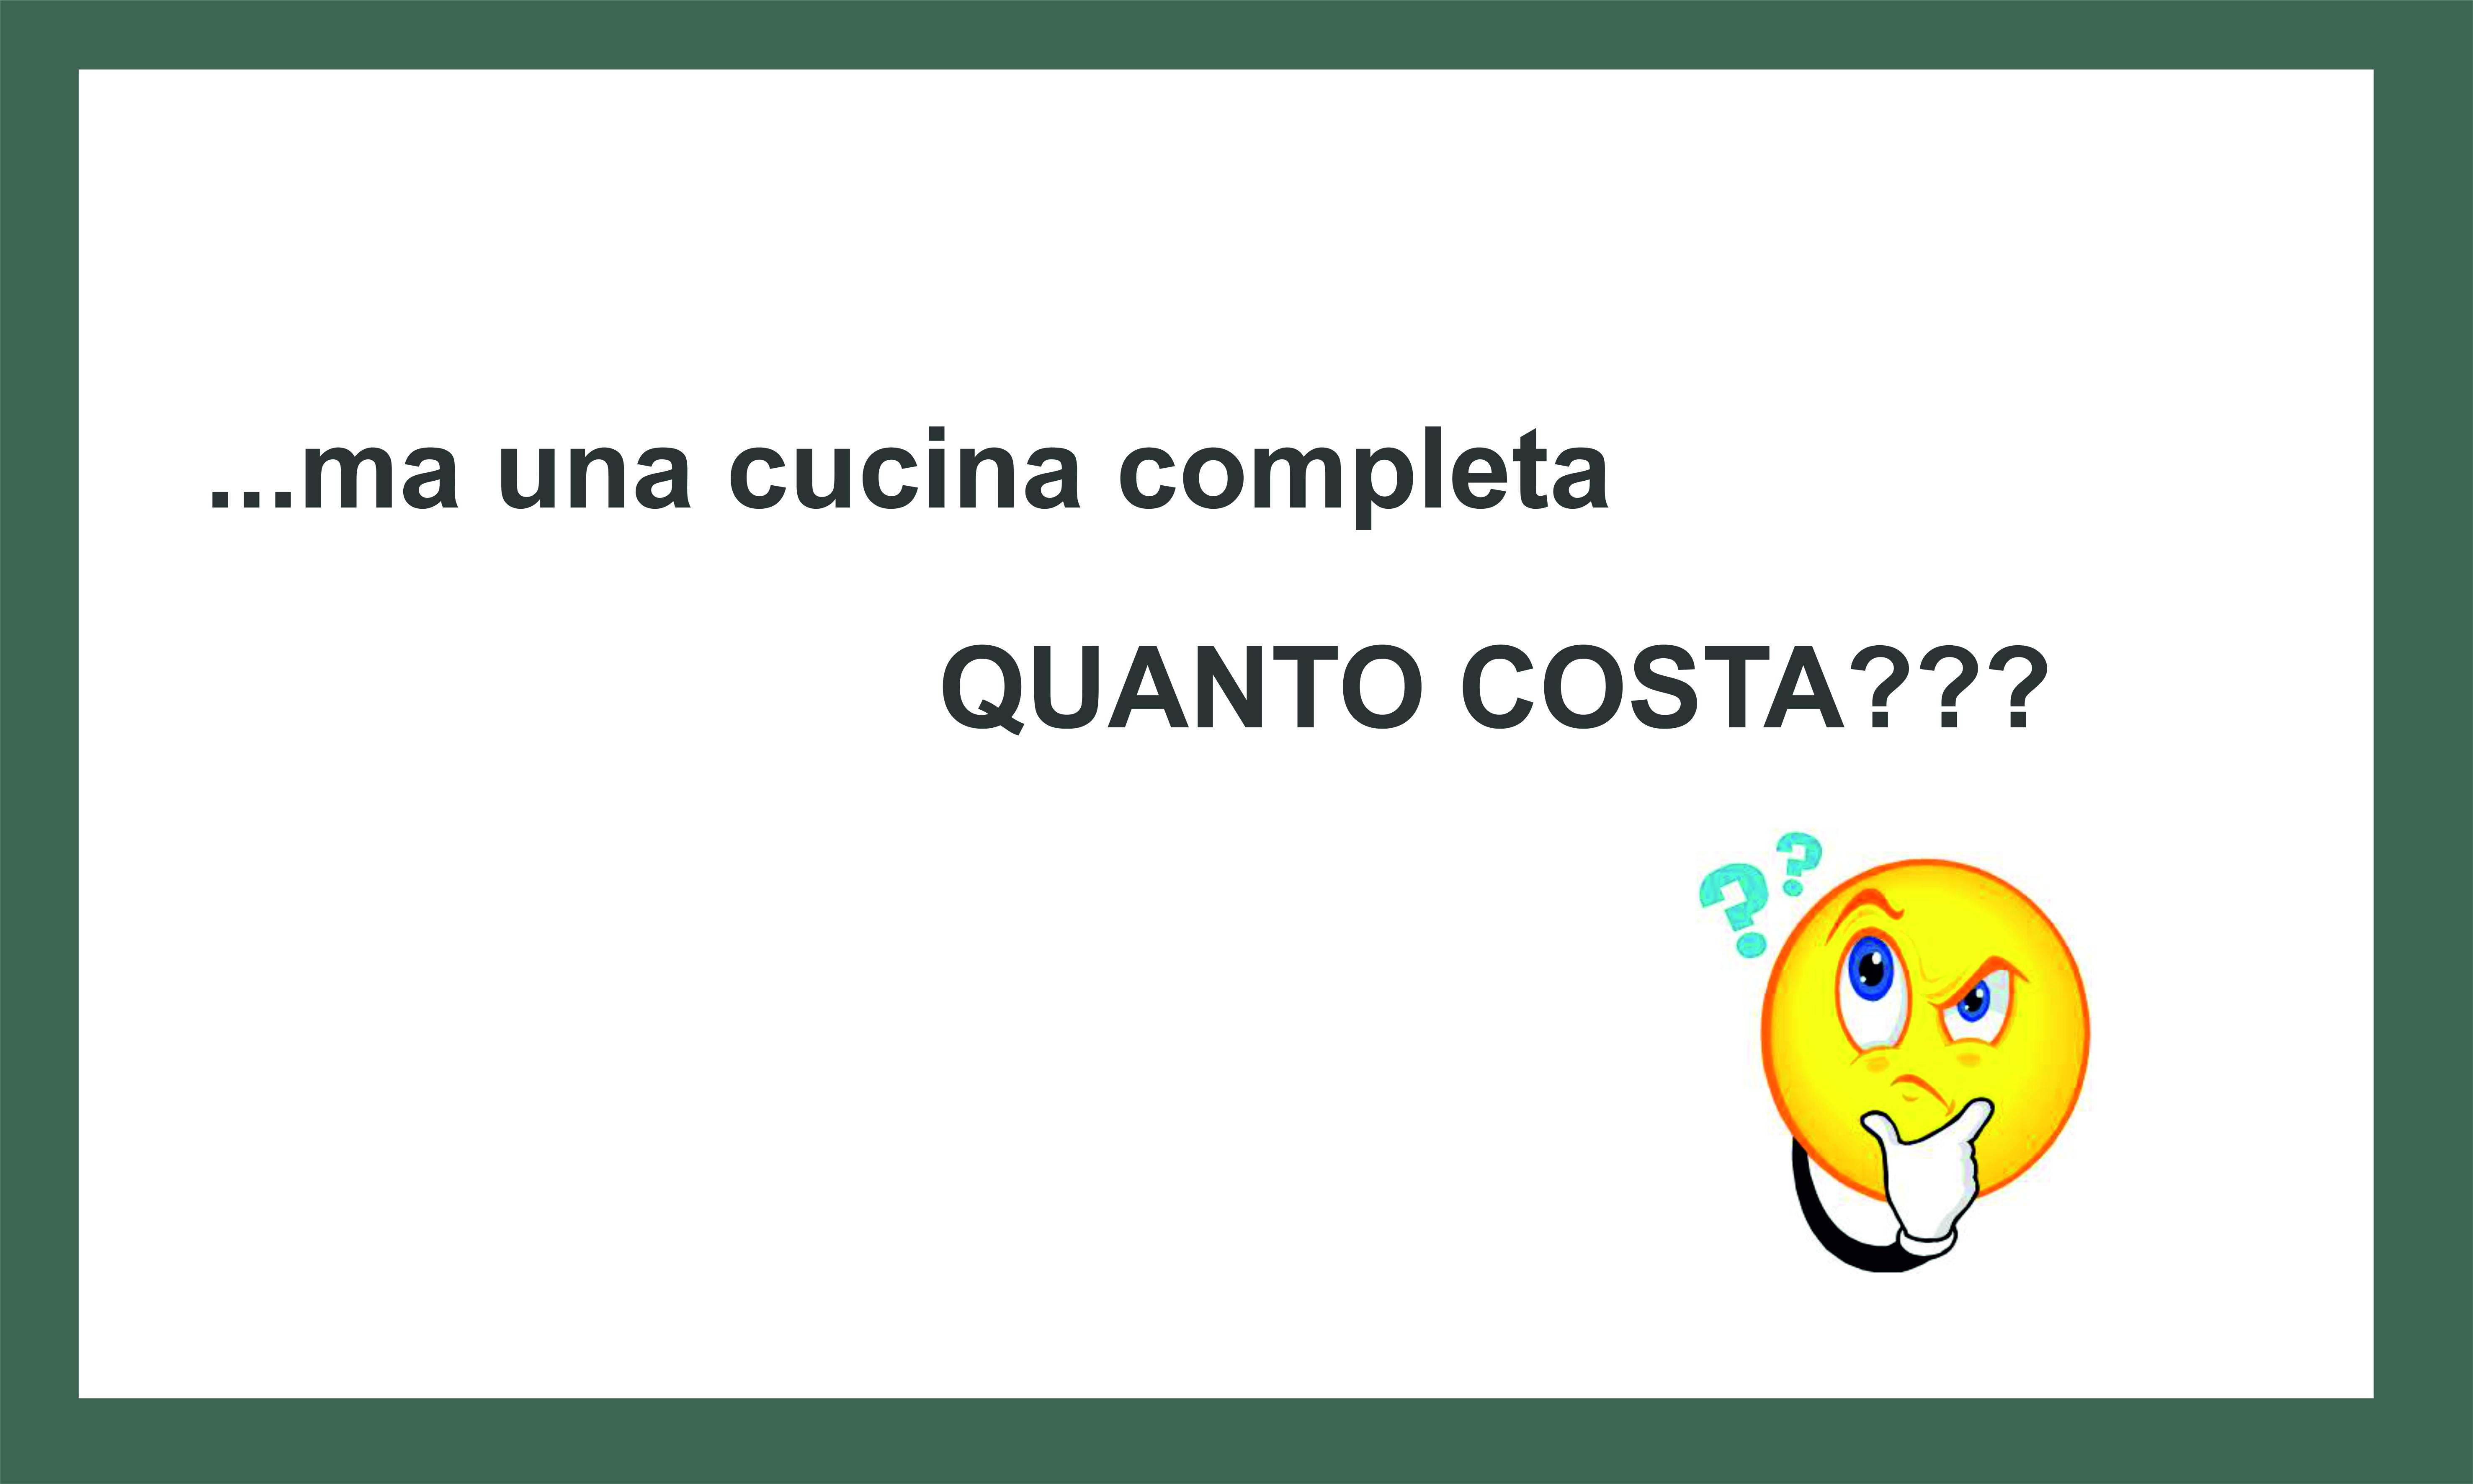 UNA CUCINA QUANTO COSTA SECONDO 4,50 (SALTO IMMAGINE ...